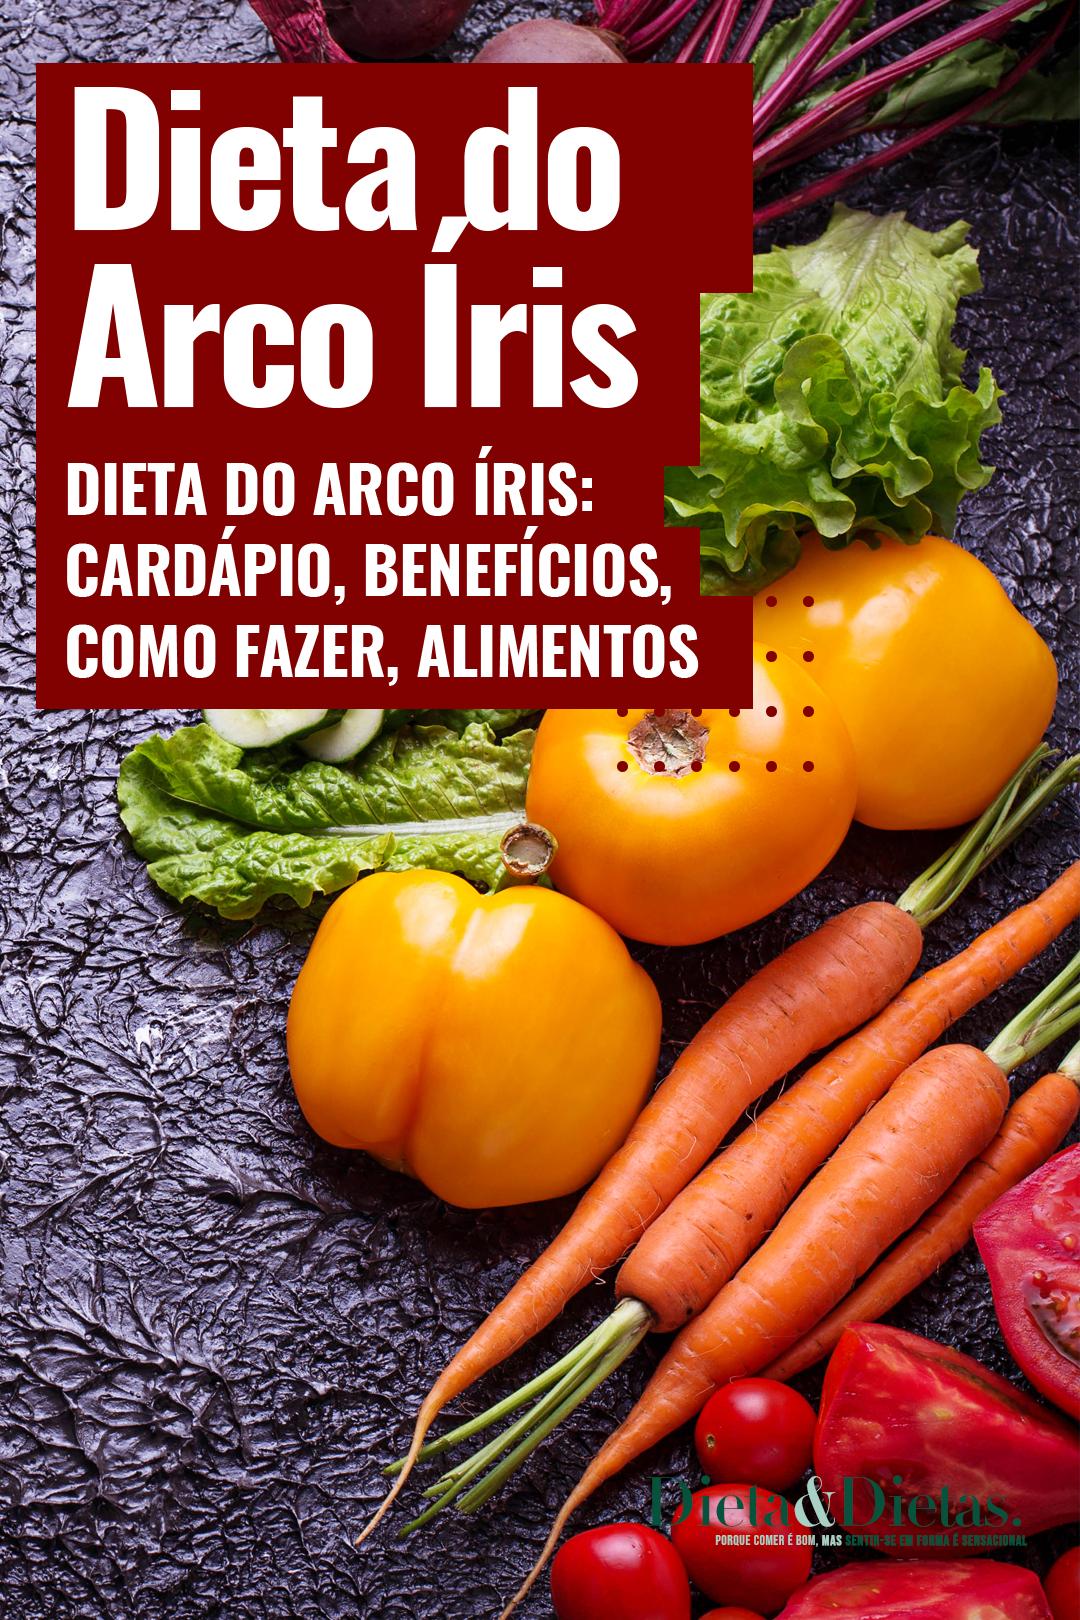 Dieta Do Arco Iris Cardapio Beneficios Como Fazer Alimentos Permitidos Em 2020 Alimentos Dieta Receitas